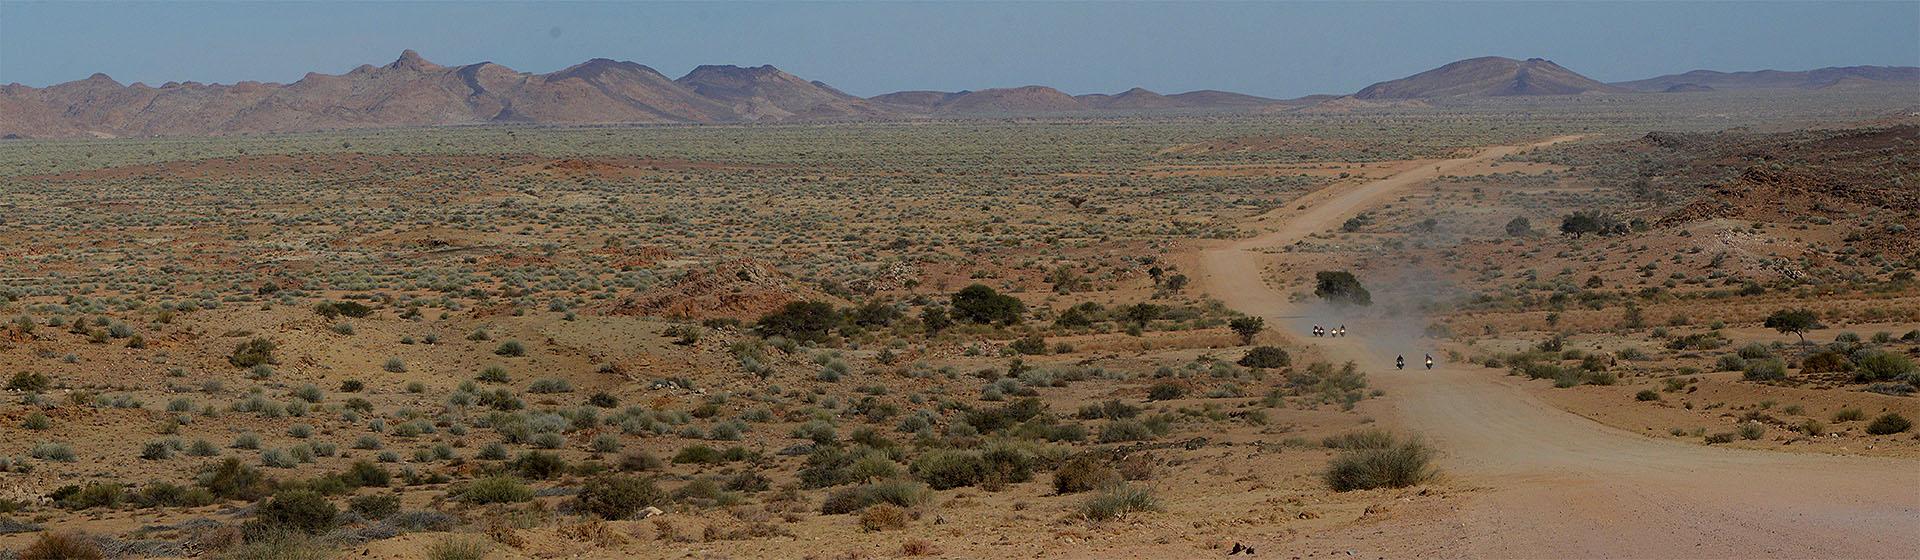 Triumph Tours of Namibia